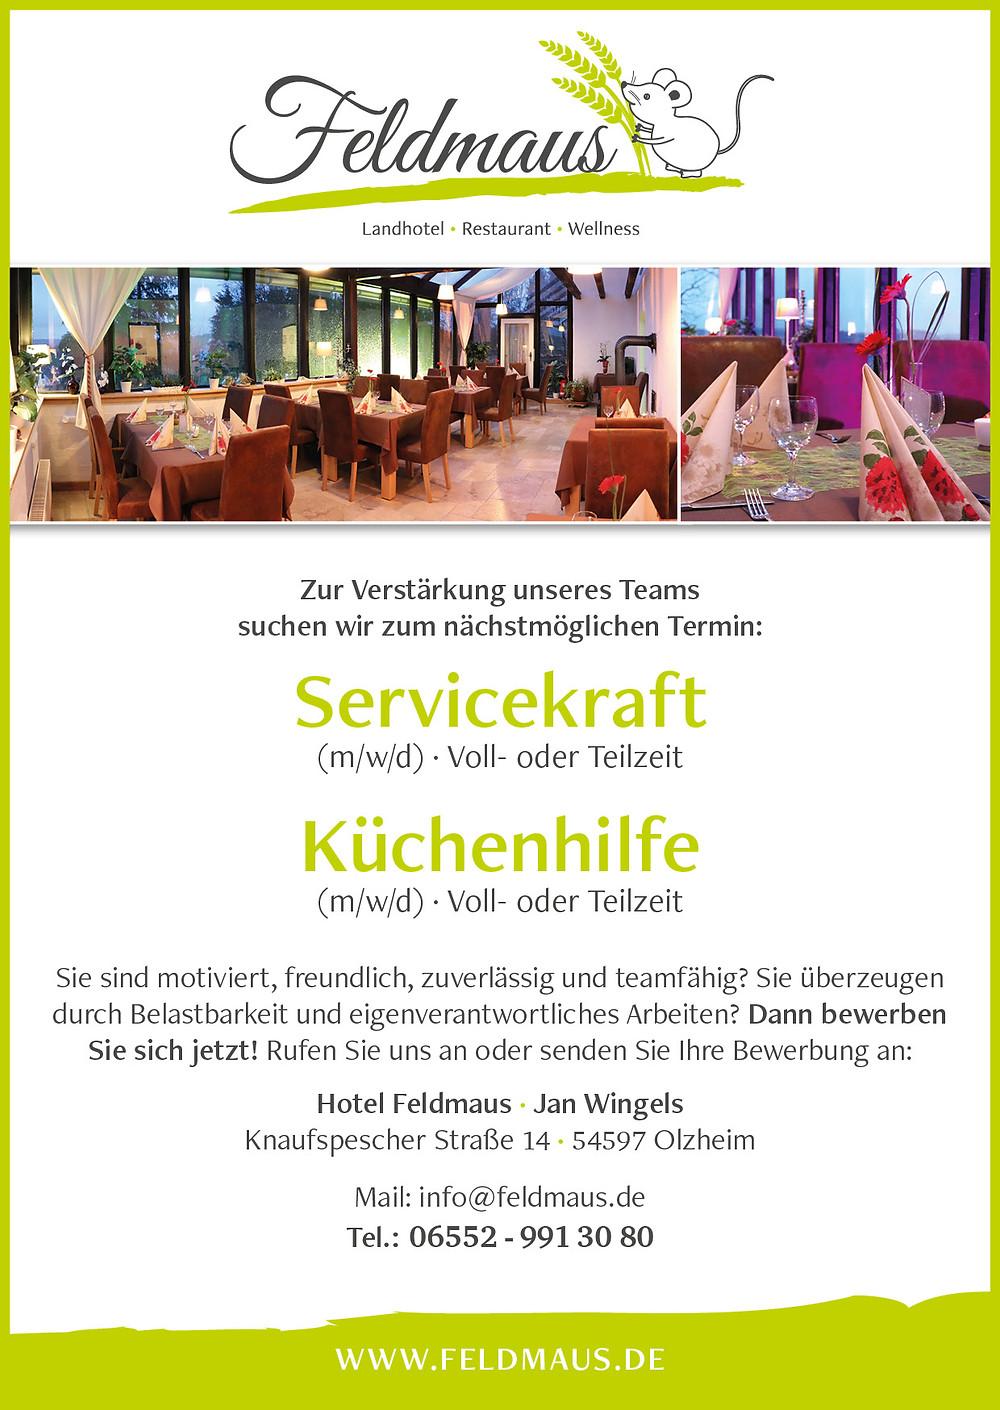 Stellenanzeige Hotel Feldmaus Servicekraft Küchenhilfe Eifel